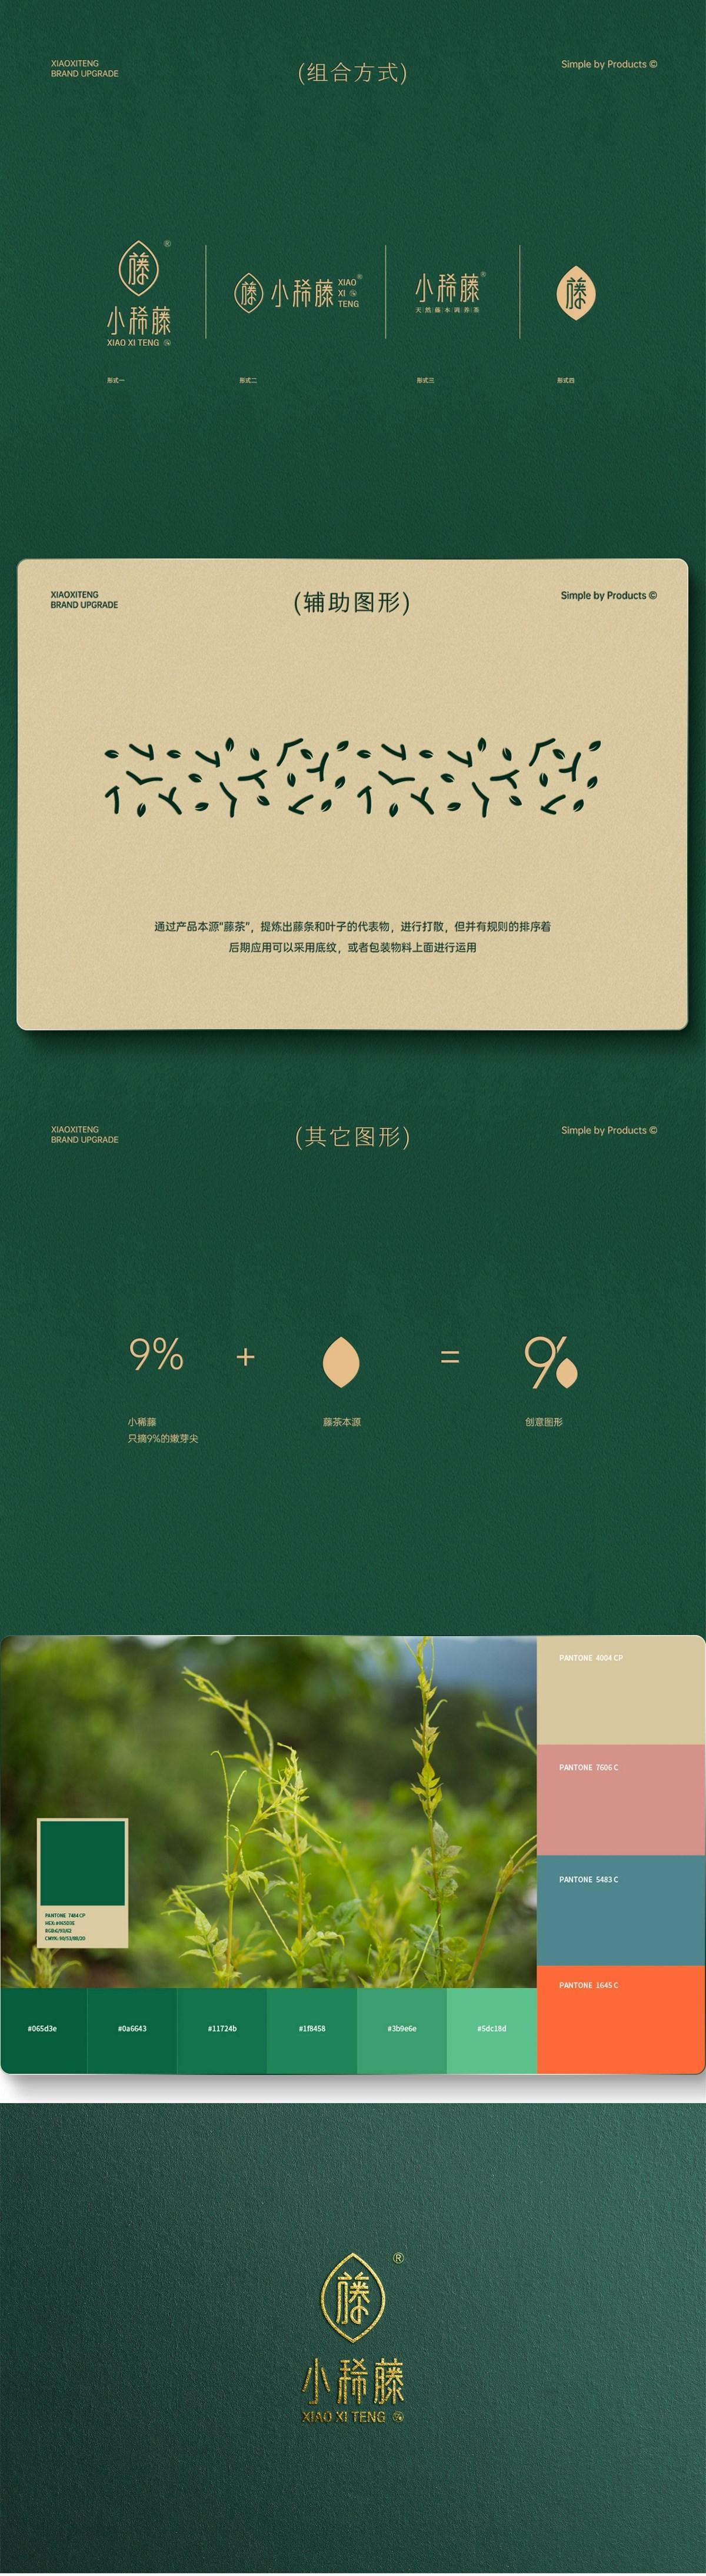 植白 X 小稀藤茶品牌视觉设计分享